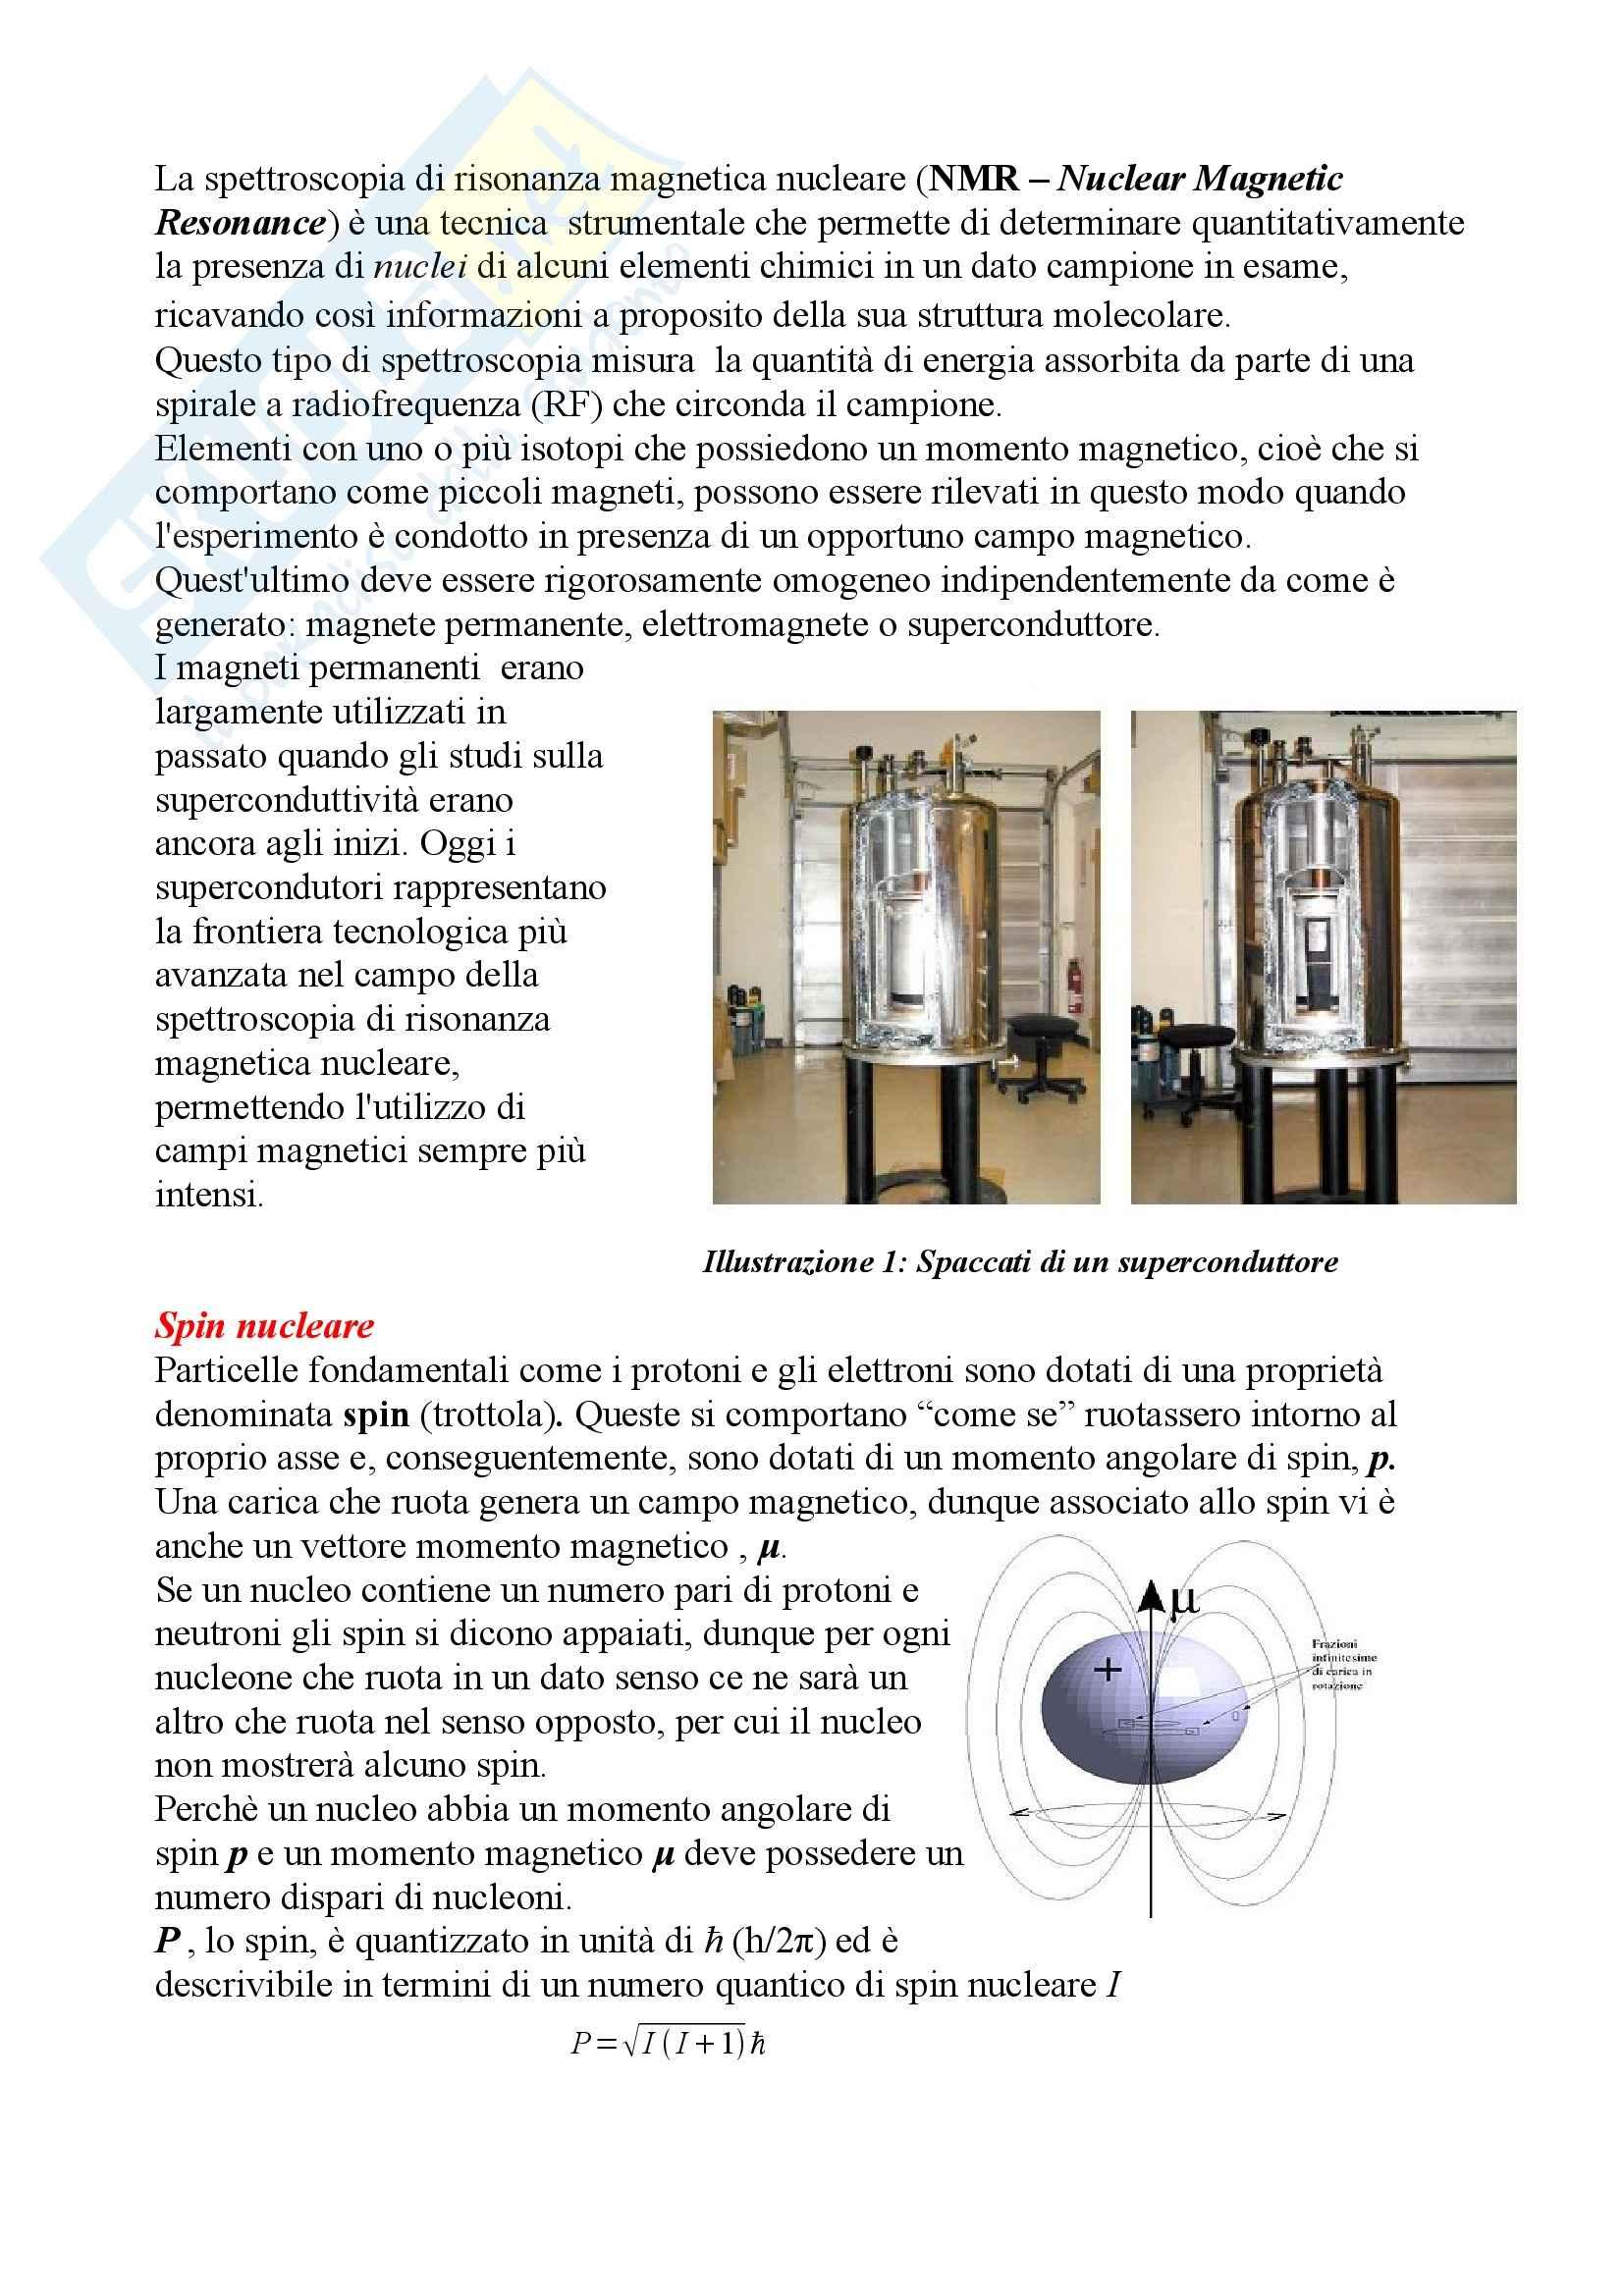 Chimica organica - NMR, spettroscopia di risonanza magnetica nucleare